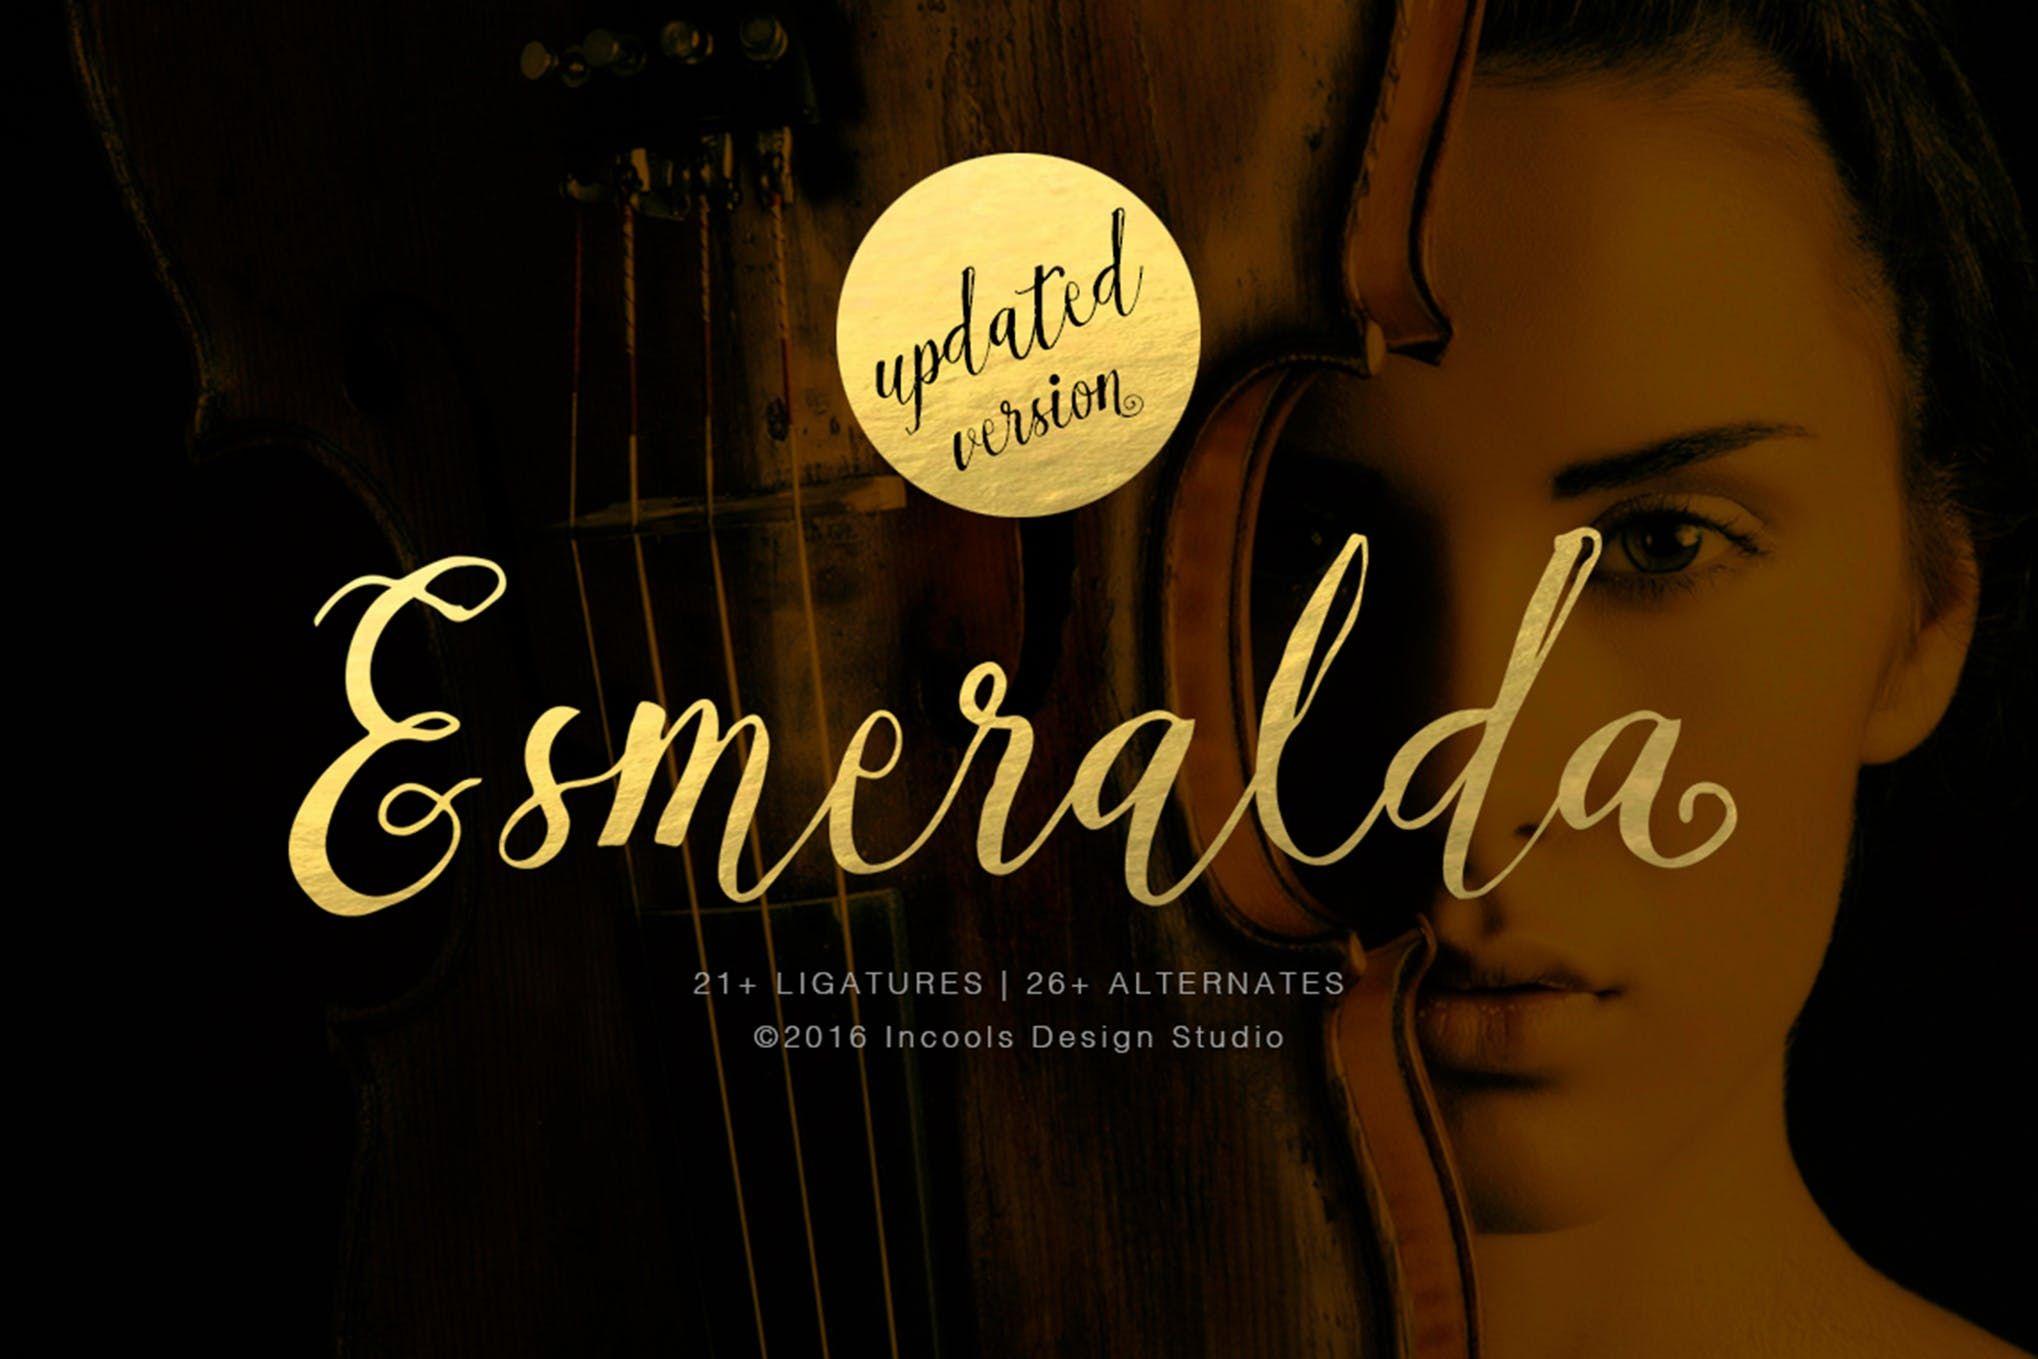 Esmeralda | Fonts, Lettering, and Typefaces | Script fonts, Fonts